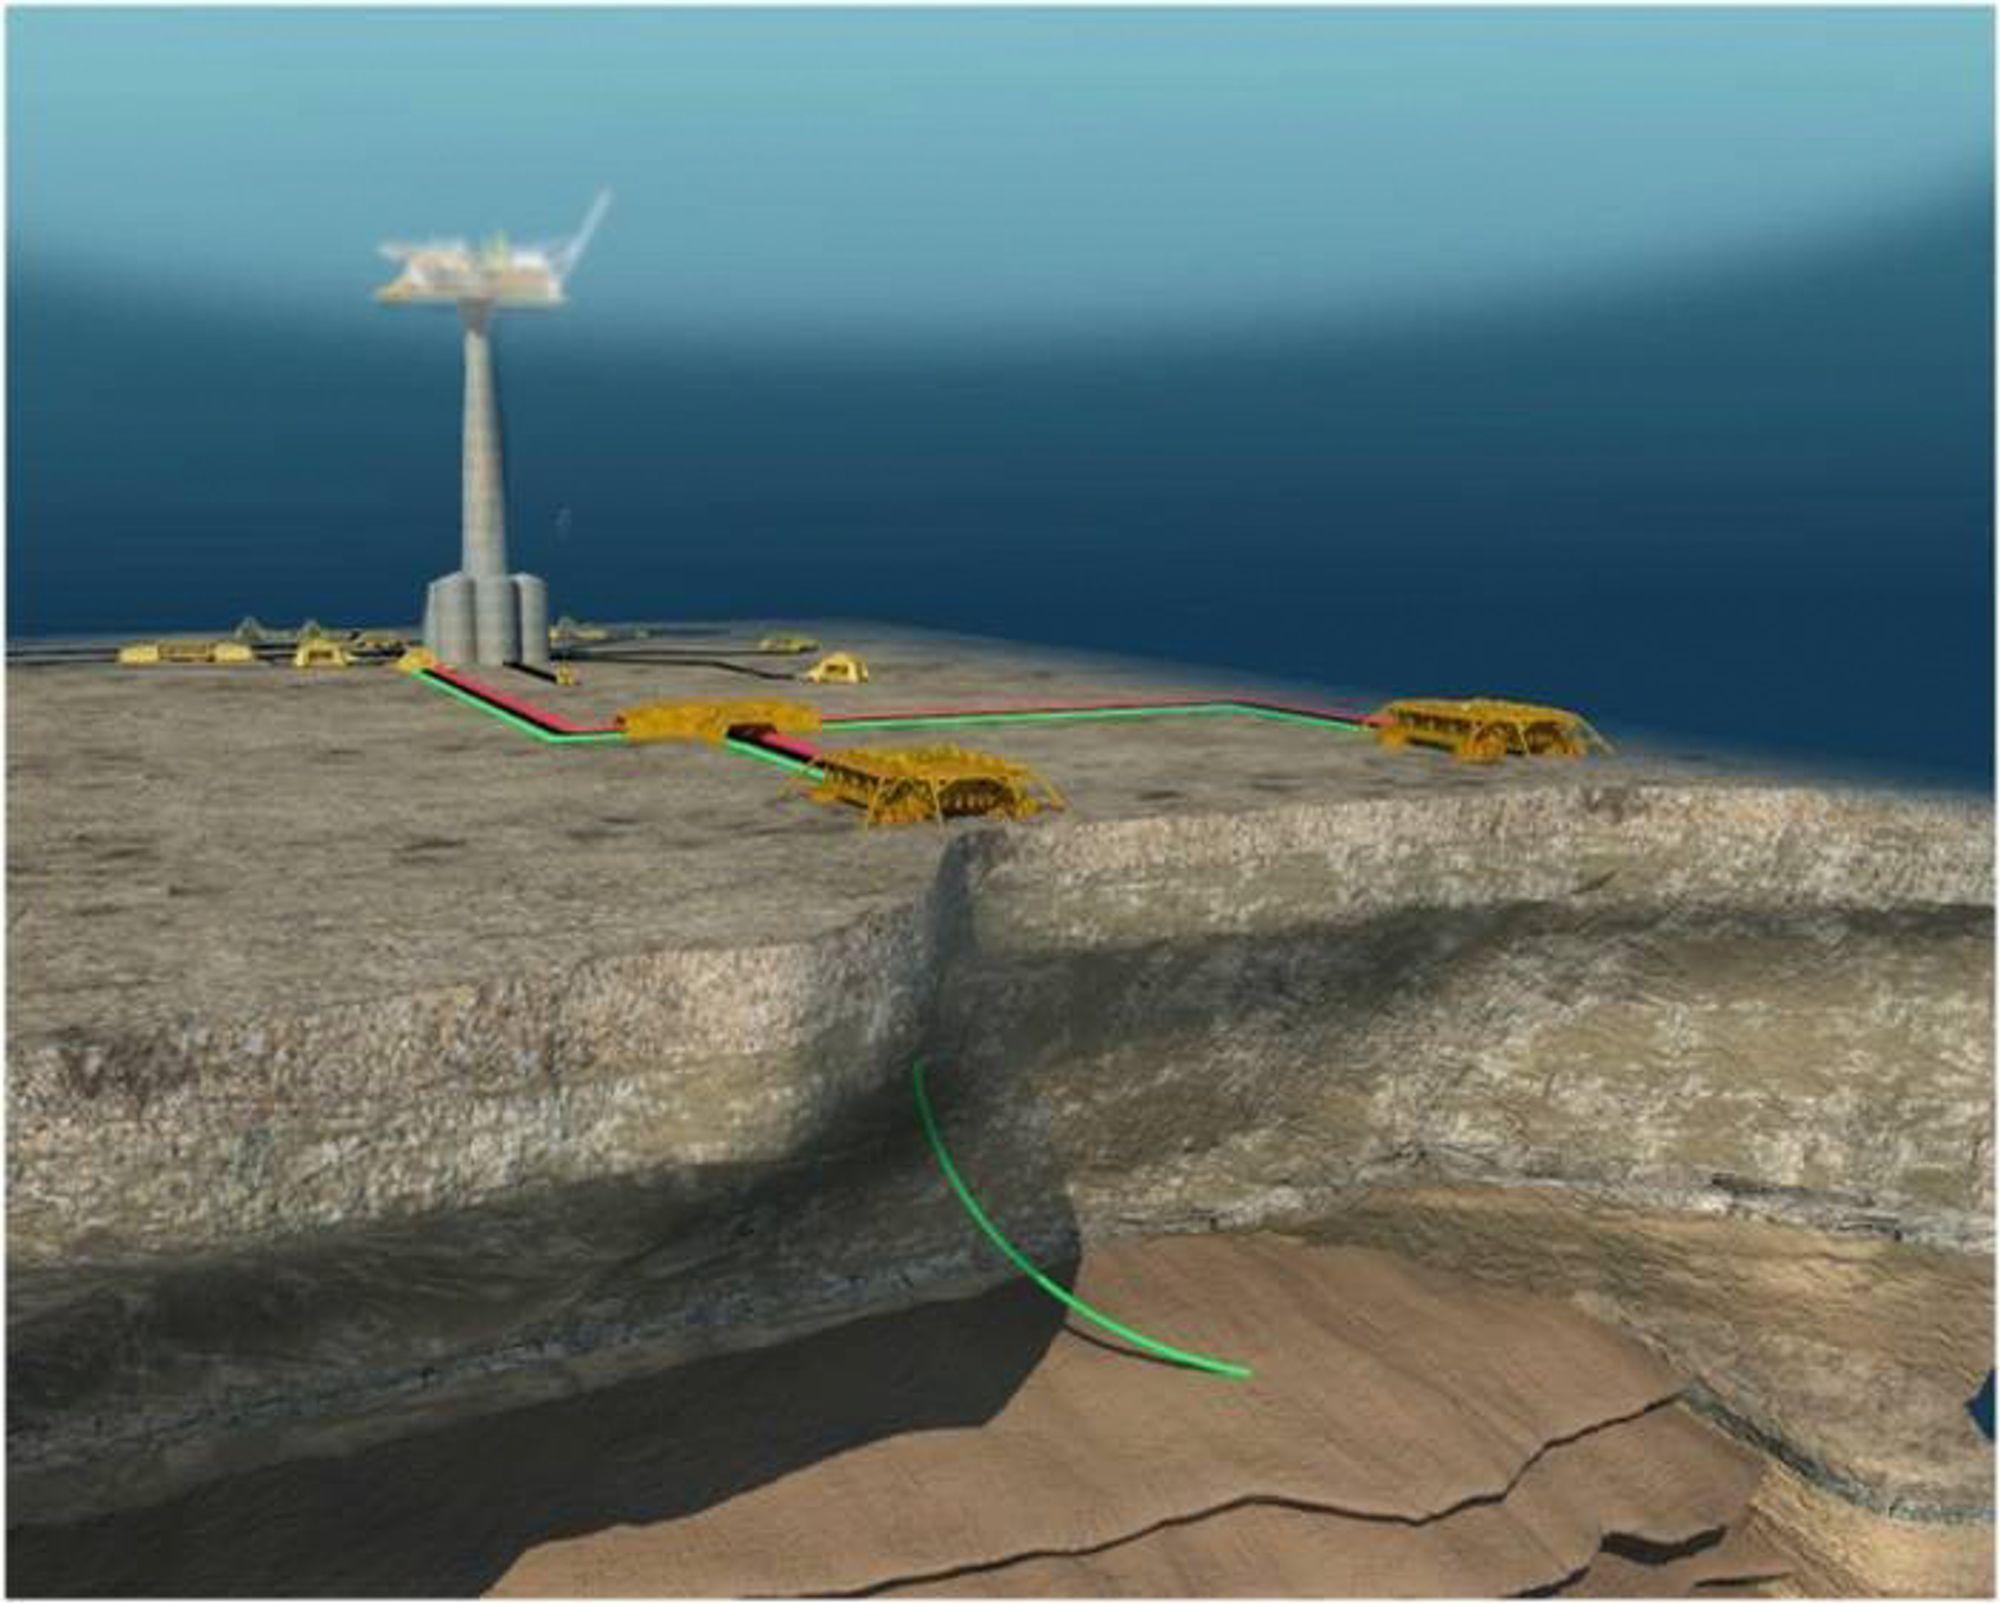 Viktig prosjekt: Linnorm er et av feltene som er ment å betale for rørledningen Polarled. Nå står prosjektet i fare.